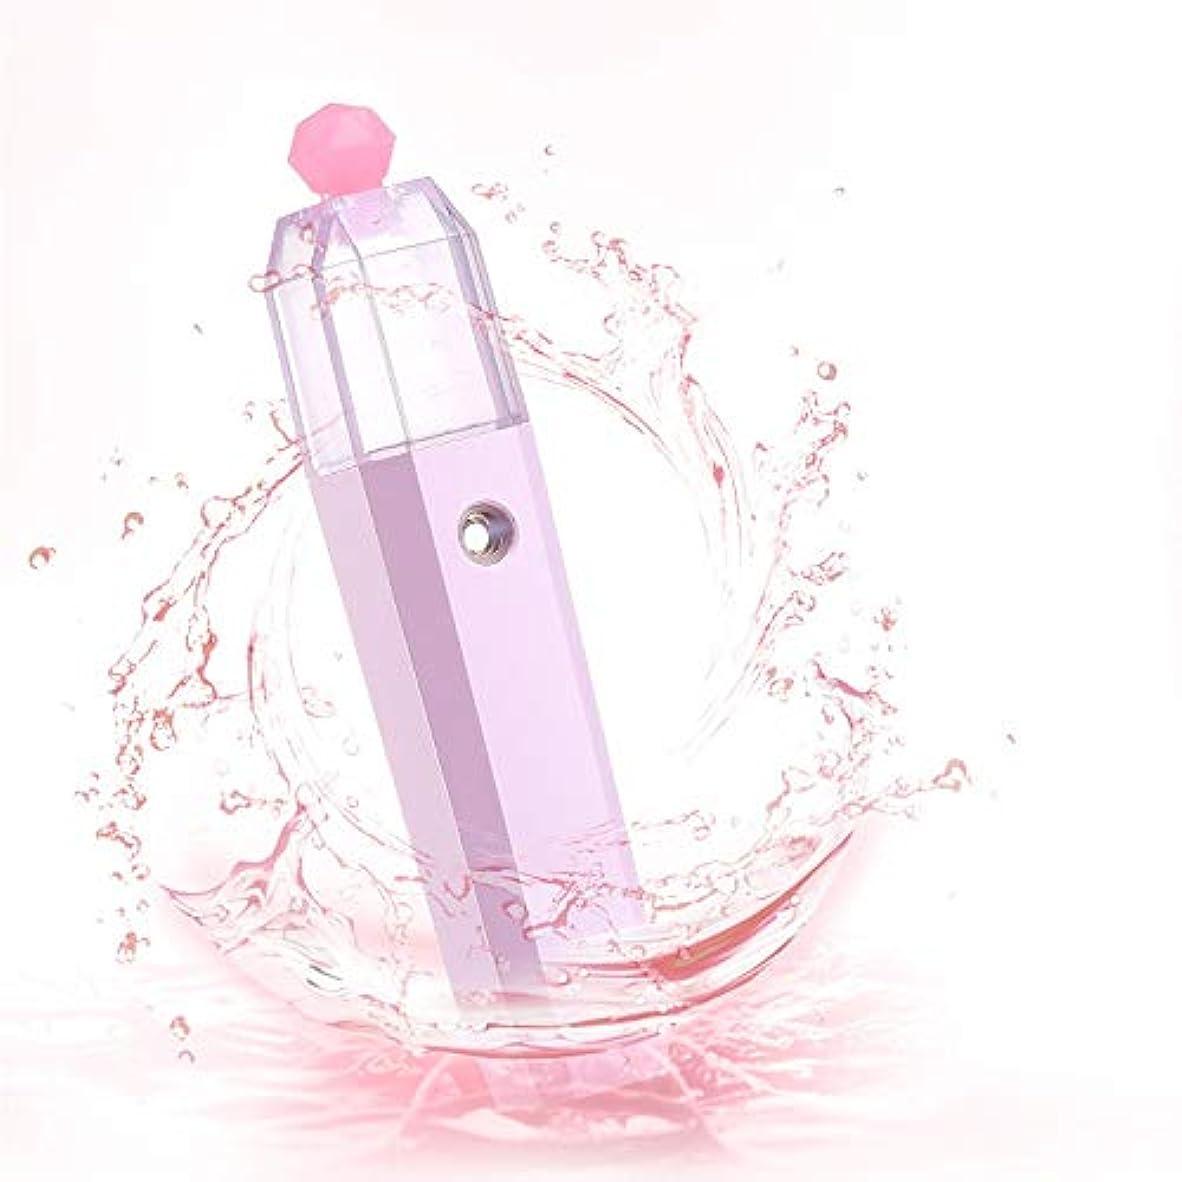 講堂税金敬意を表するZXF 水道メーター美容ハンドスプレー新しいナノスプレーポータブル家庭用フェイスフェイシャルモイスチャライザーピンク 滑らかである